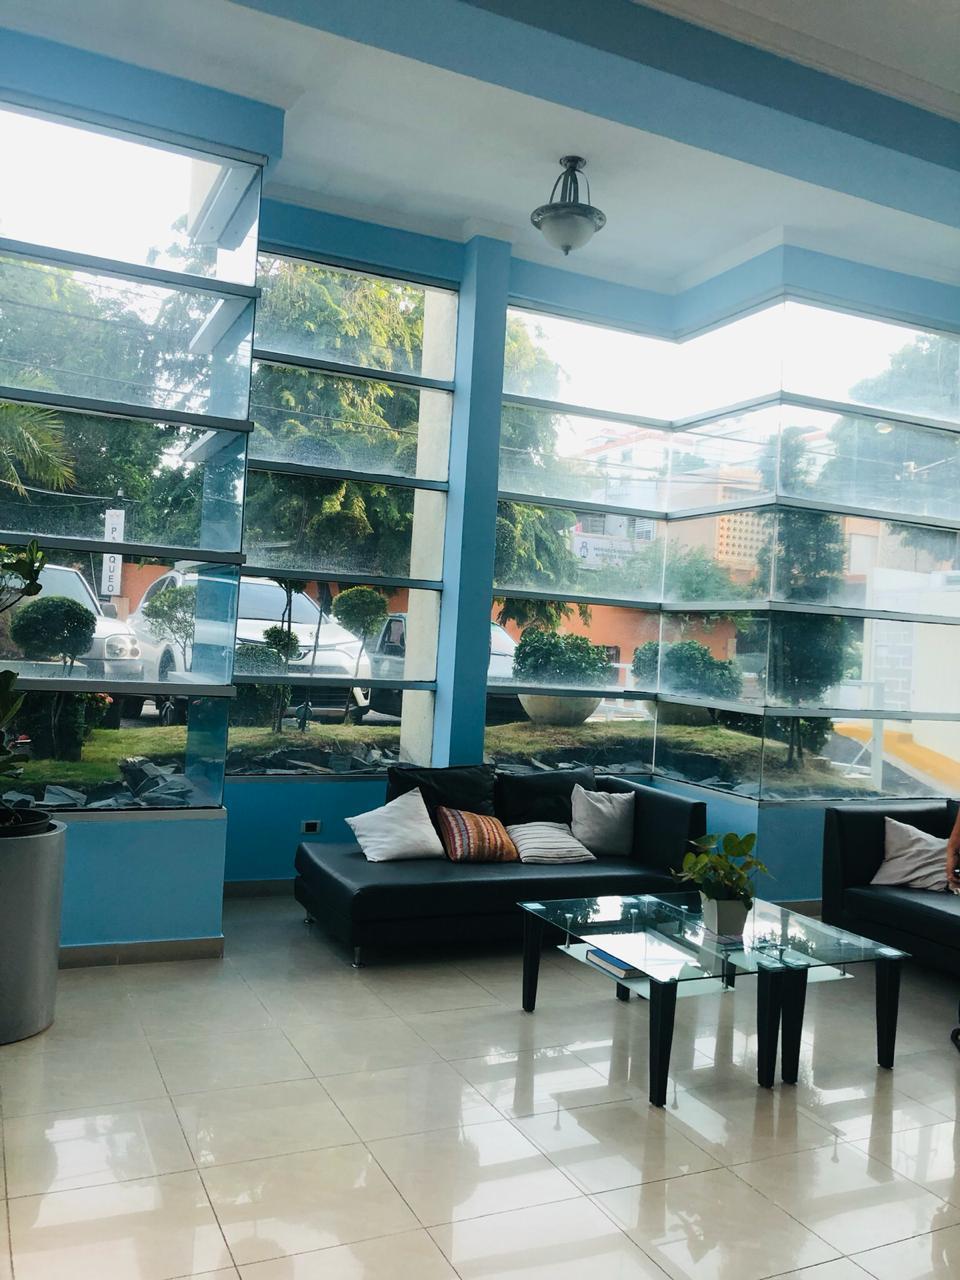 Apartamento en venta en el sector LA ESPERILLA precio US$ 355,000.00 US$355,000